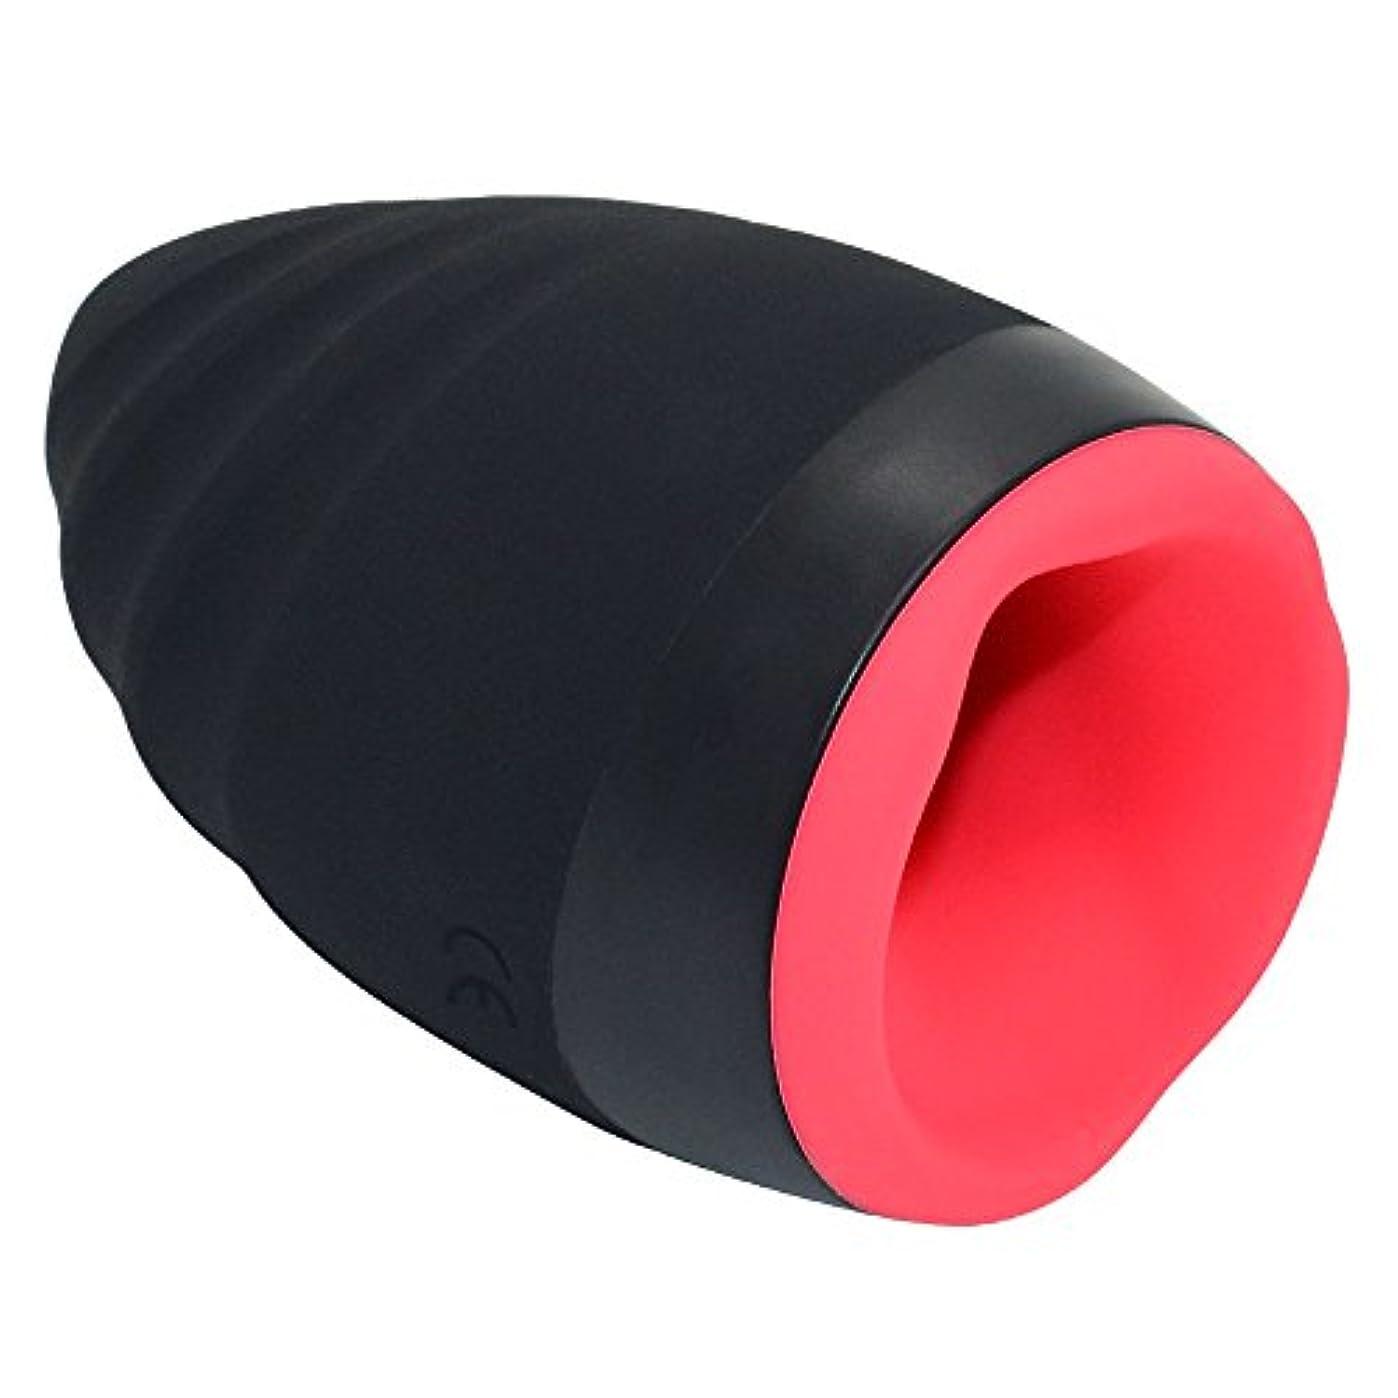 セメント液体パーティションOTOUCH ハンディマッサージャー マッサージ器 マッサージ機 強力 振動 静音 加熱 防水 高速ピストン USB充電 6種振動モード 3種振動スピード ストレス解消 疲労回復 マッサージ 玩具